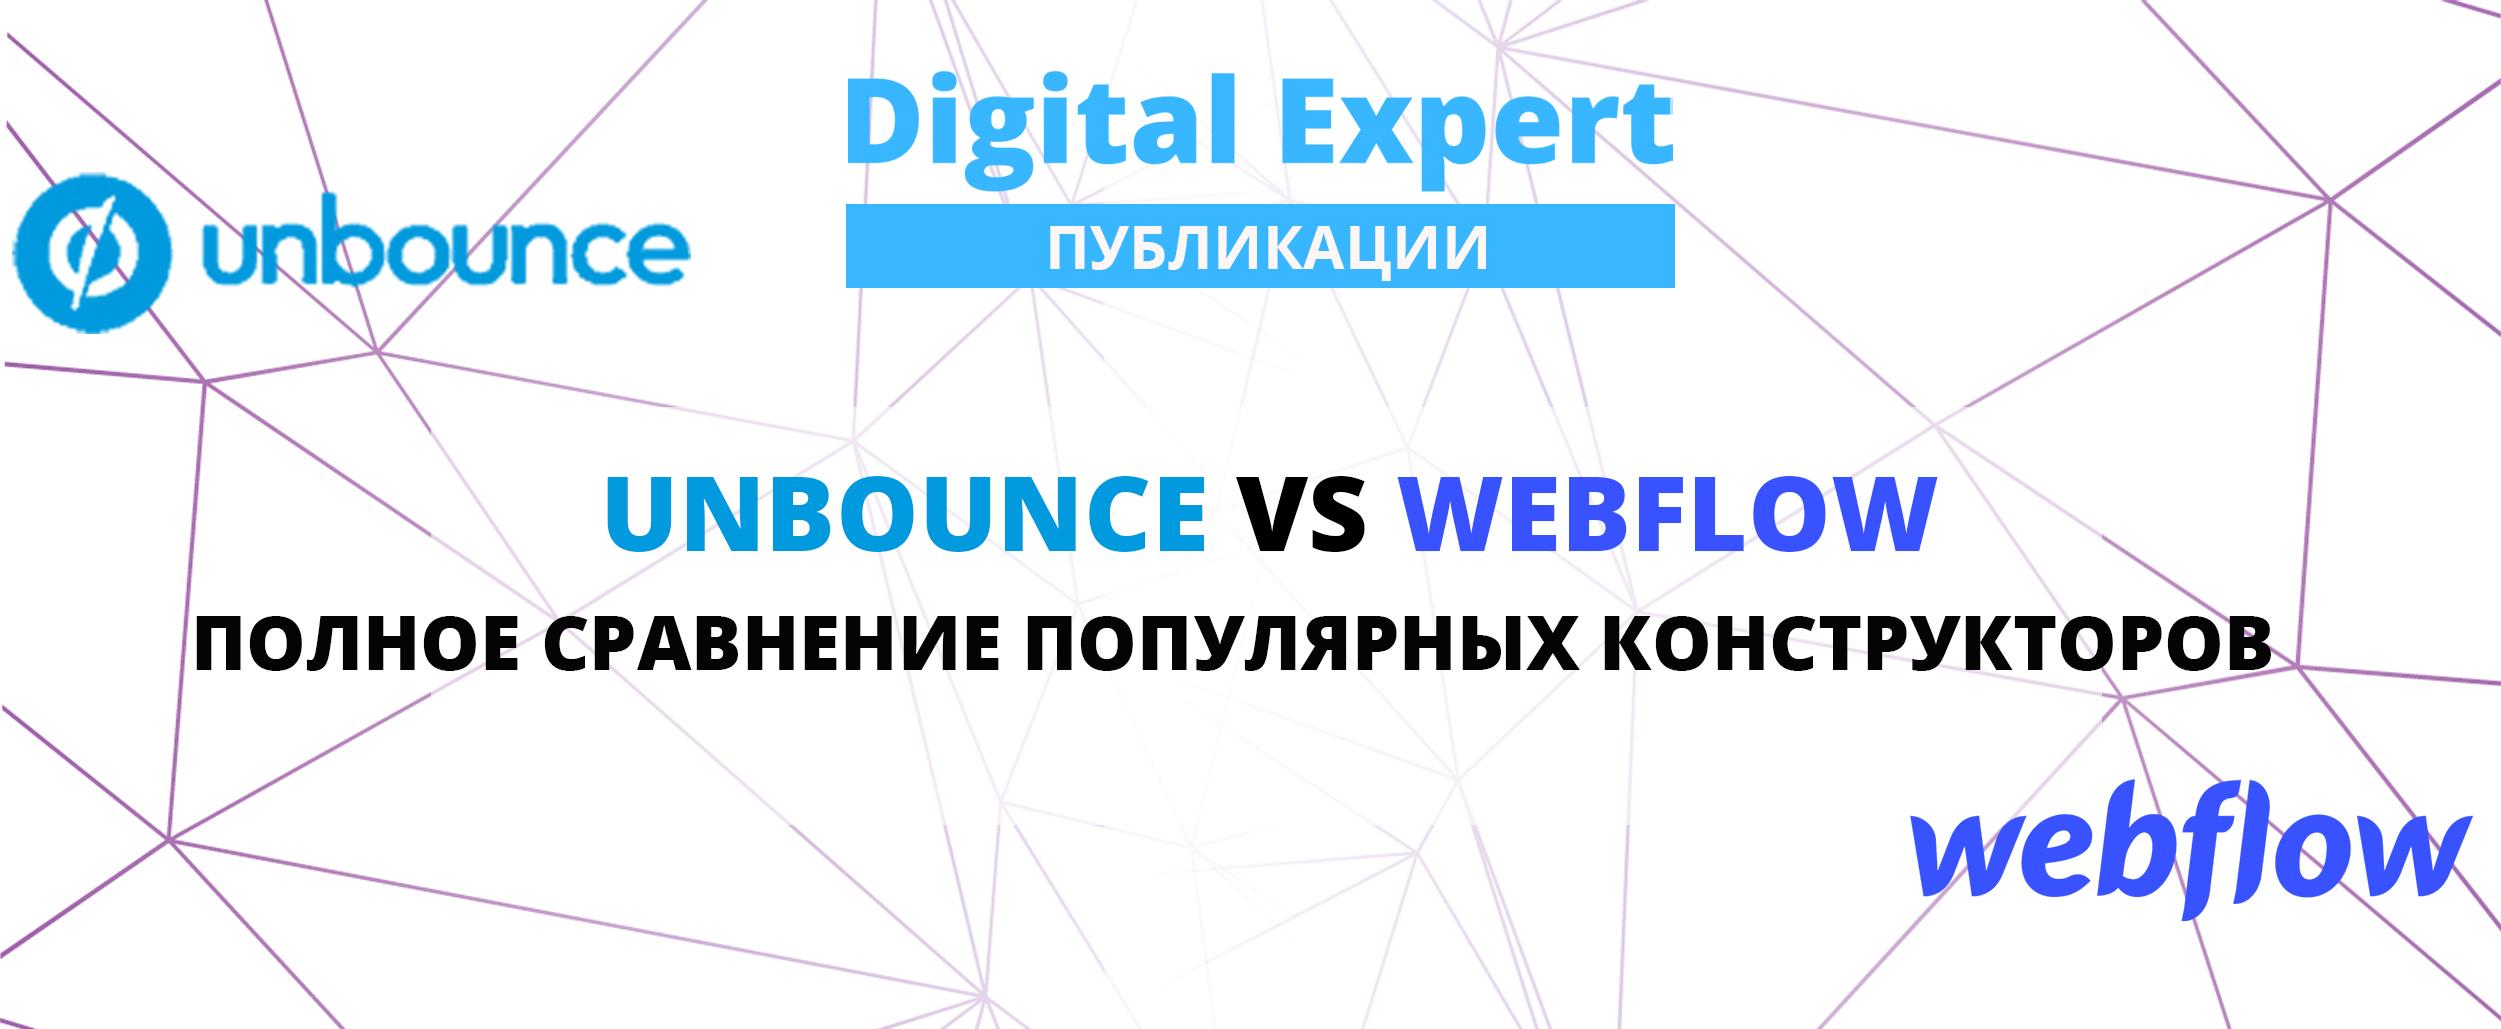 Unbounce vs Webflow: лучшее решение в 2021 году